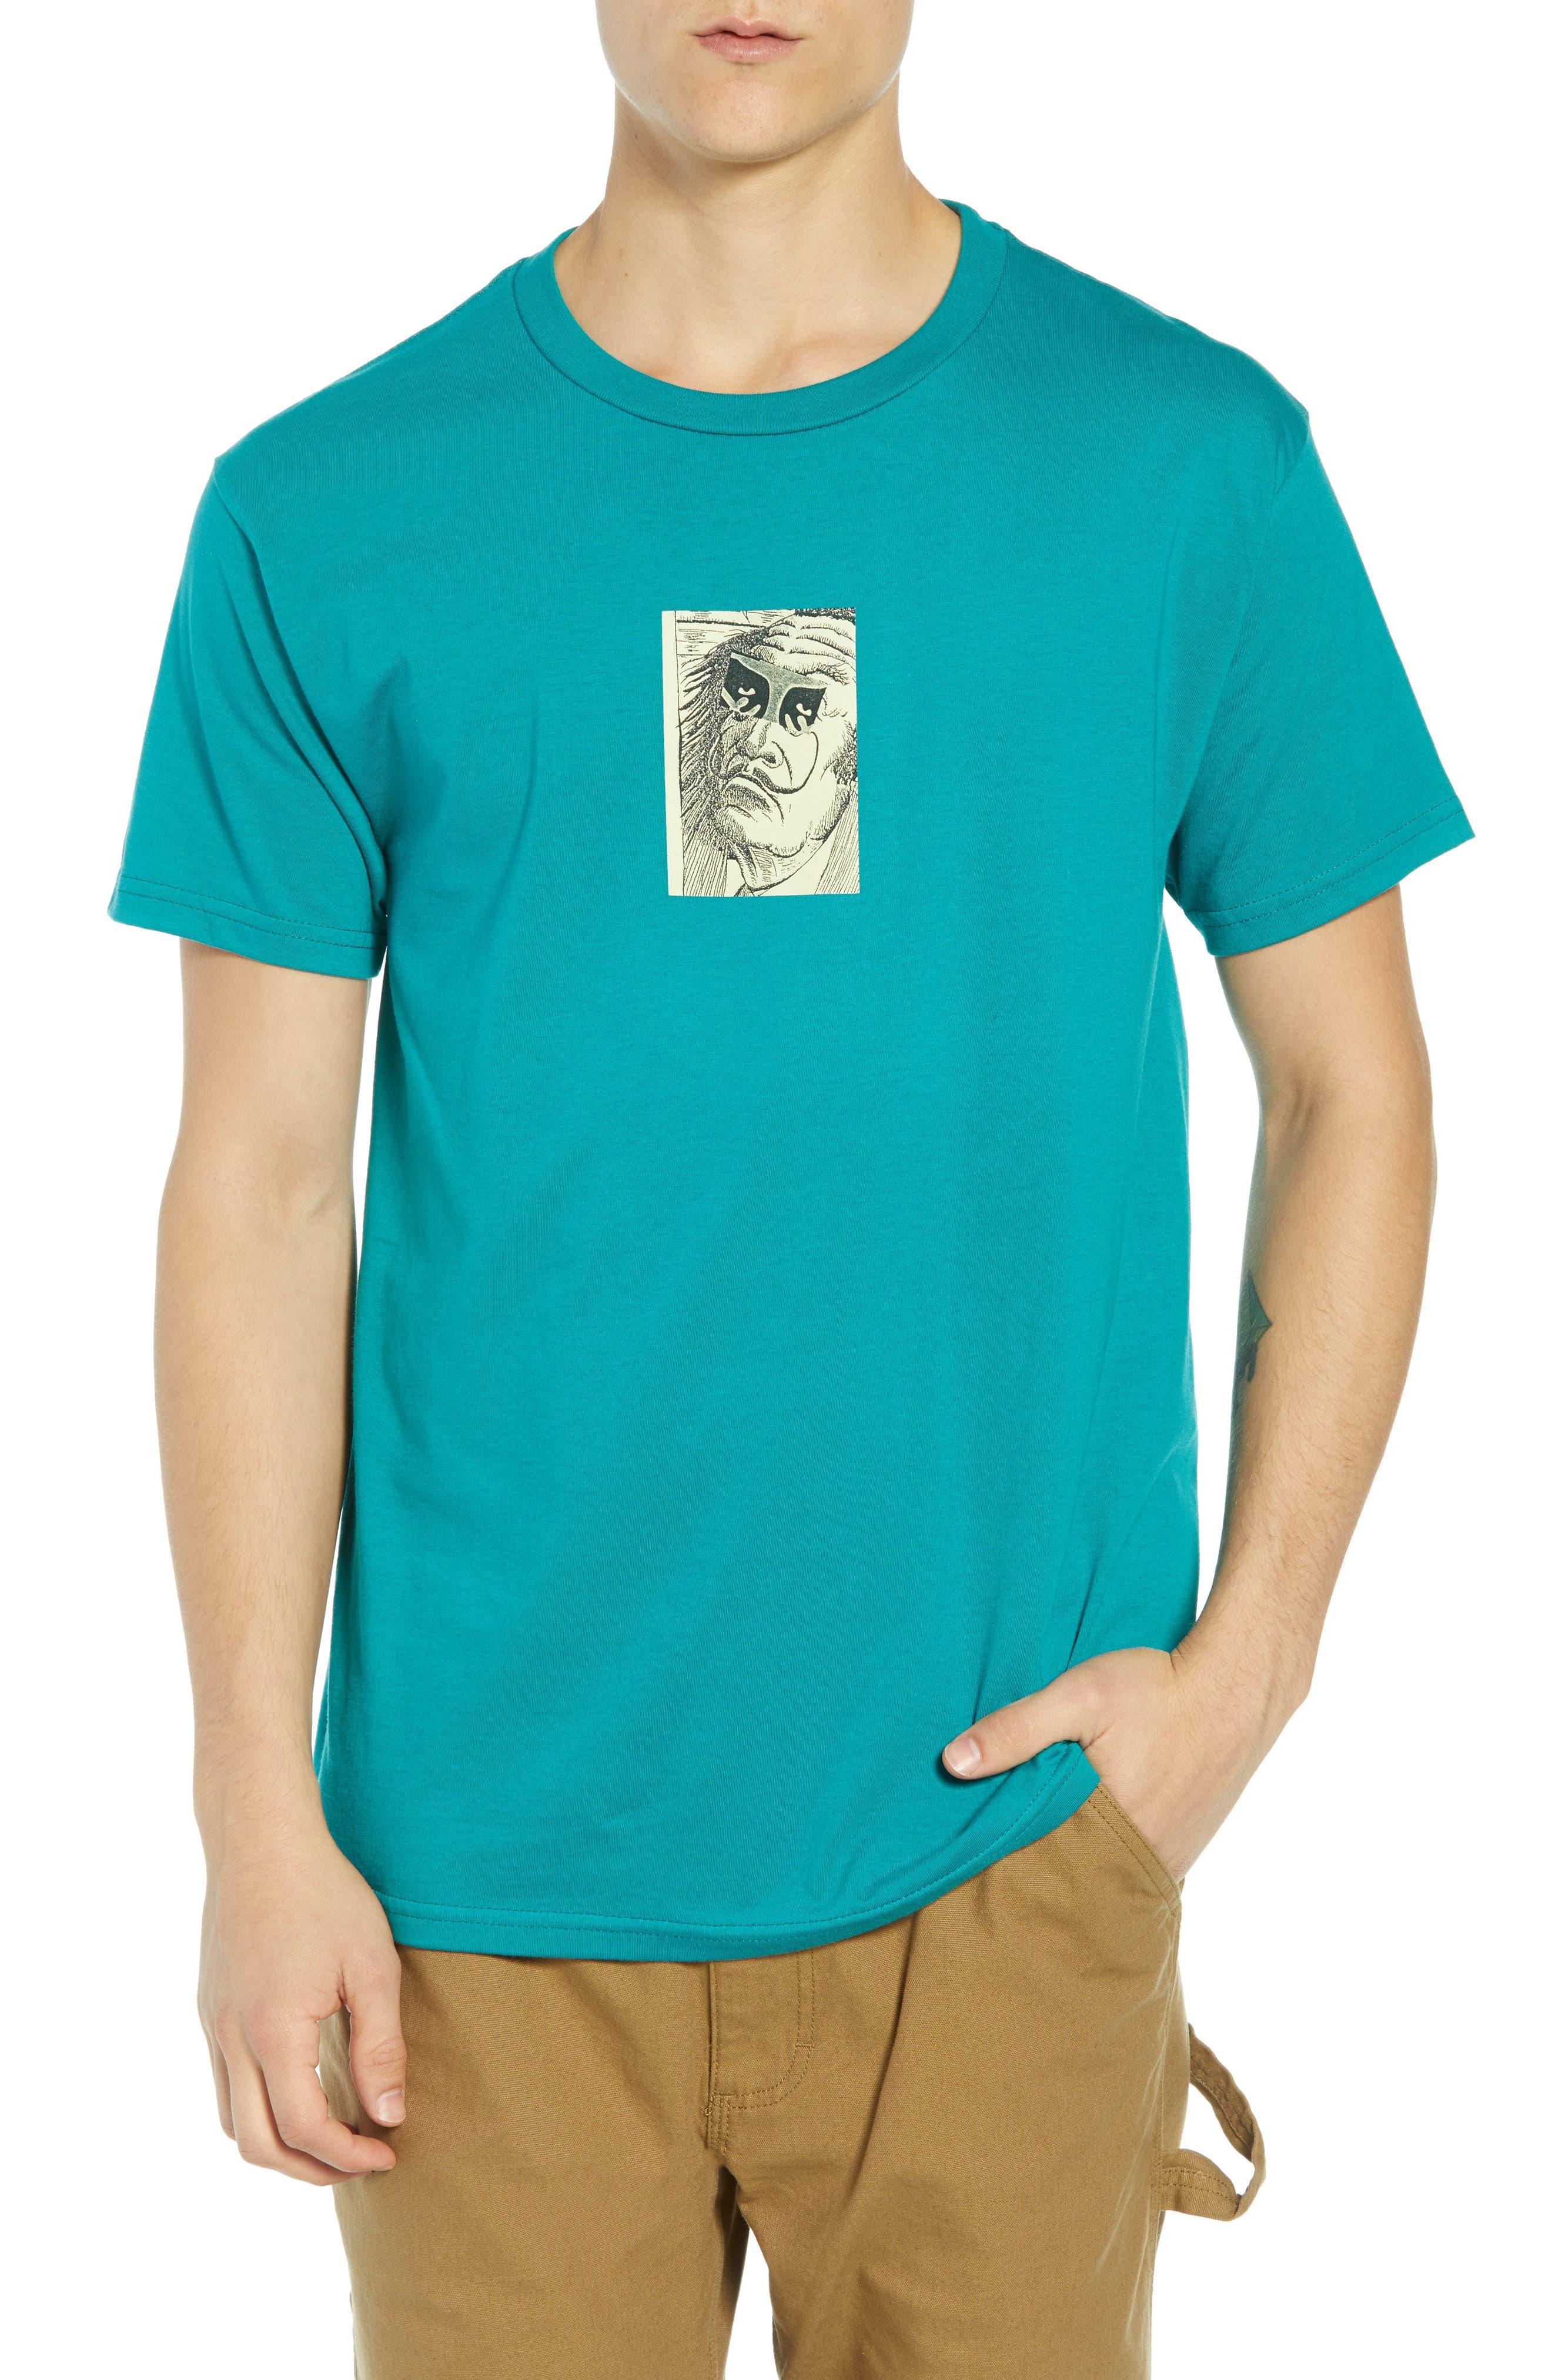 Metamorphosis Premium T-Shirt,                             Main thumbnail 1, color,                             TEAL